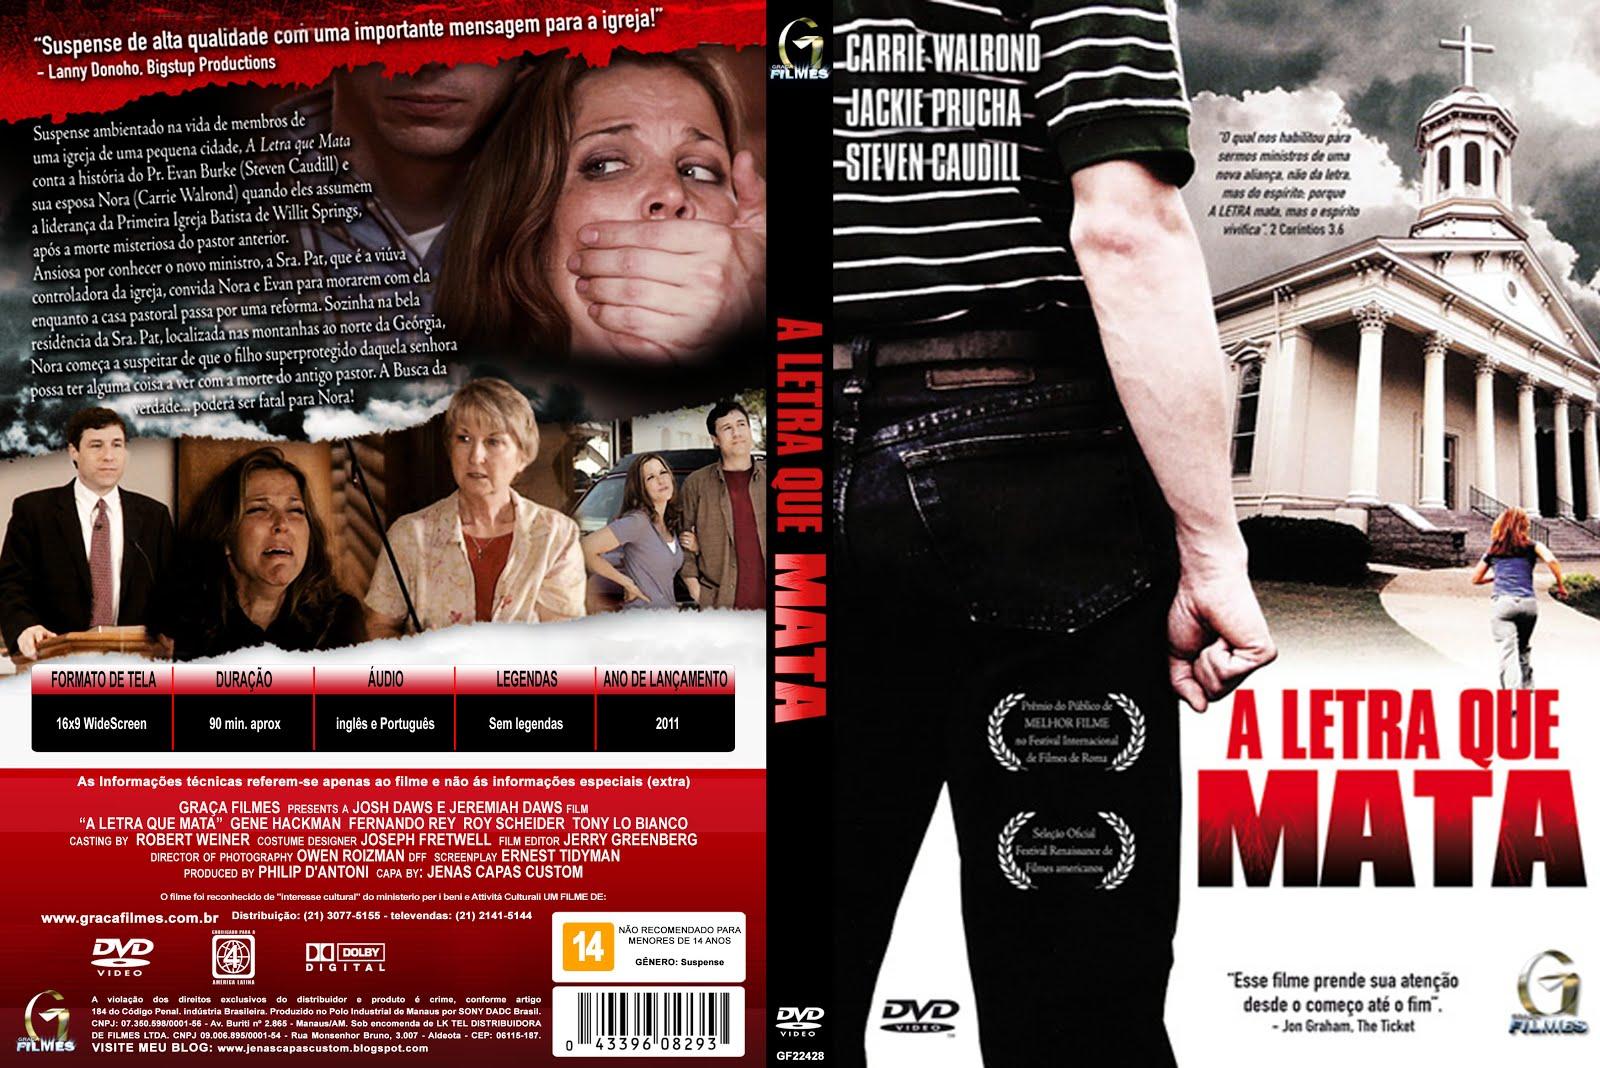 FILME ONLINE A LETRA QUE MATA - ASSISTA ONLINE AQUI